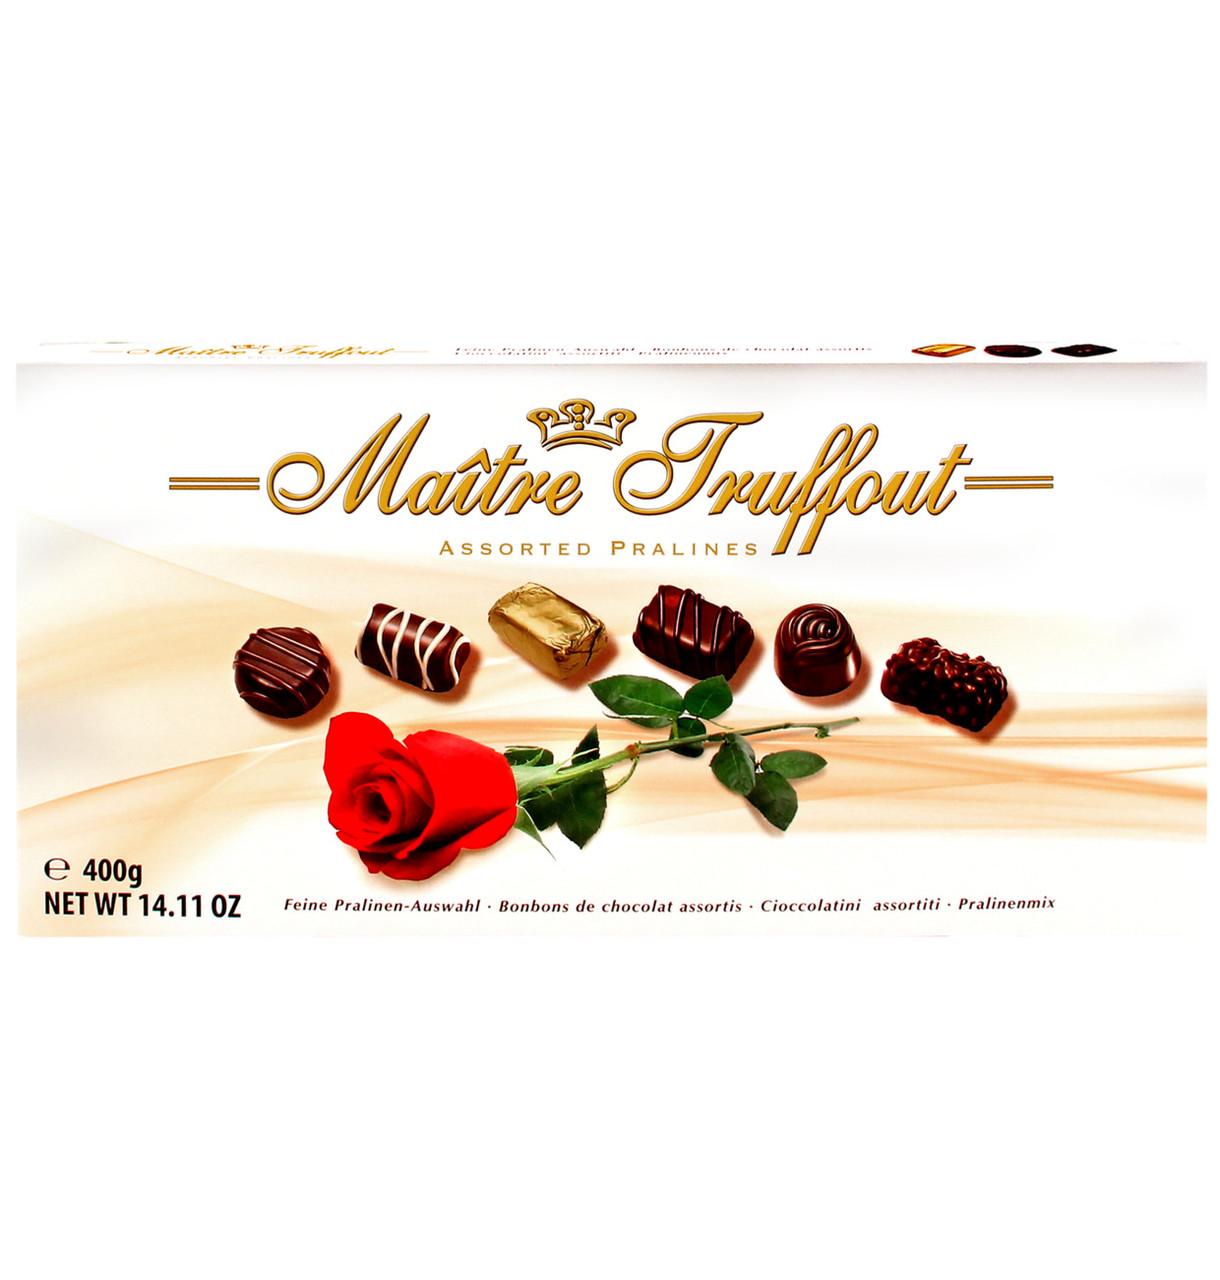 Шоколадные конфеты в коробке Maitre Truffout Assorted Pralines Rose с пралине, 400 гр.